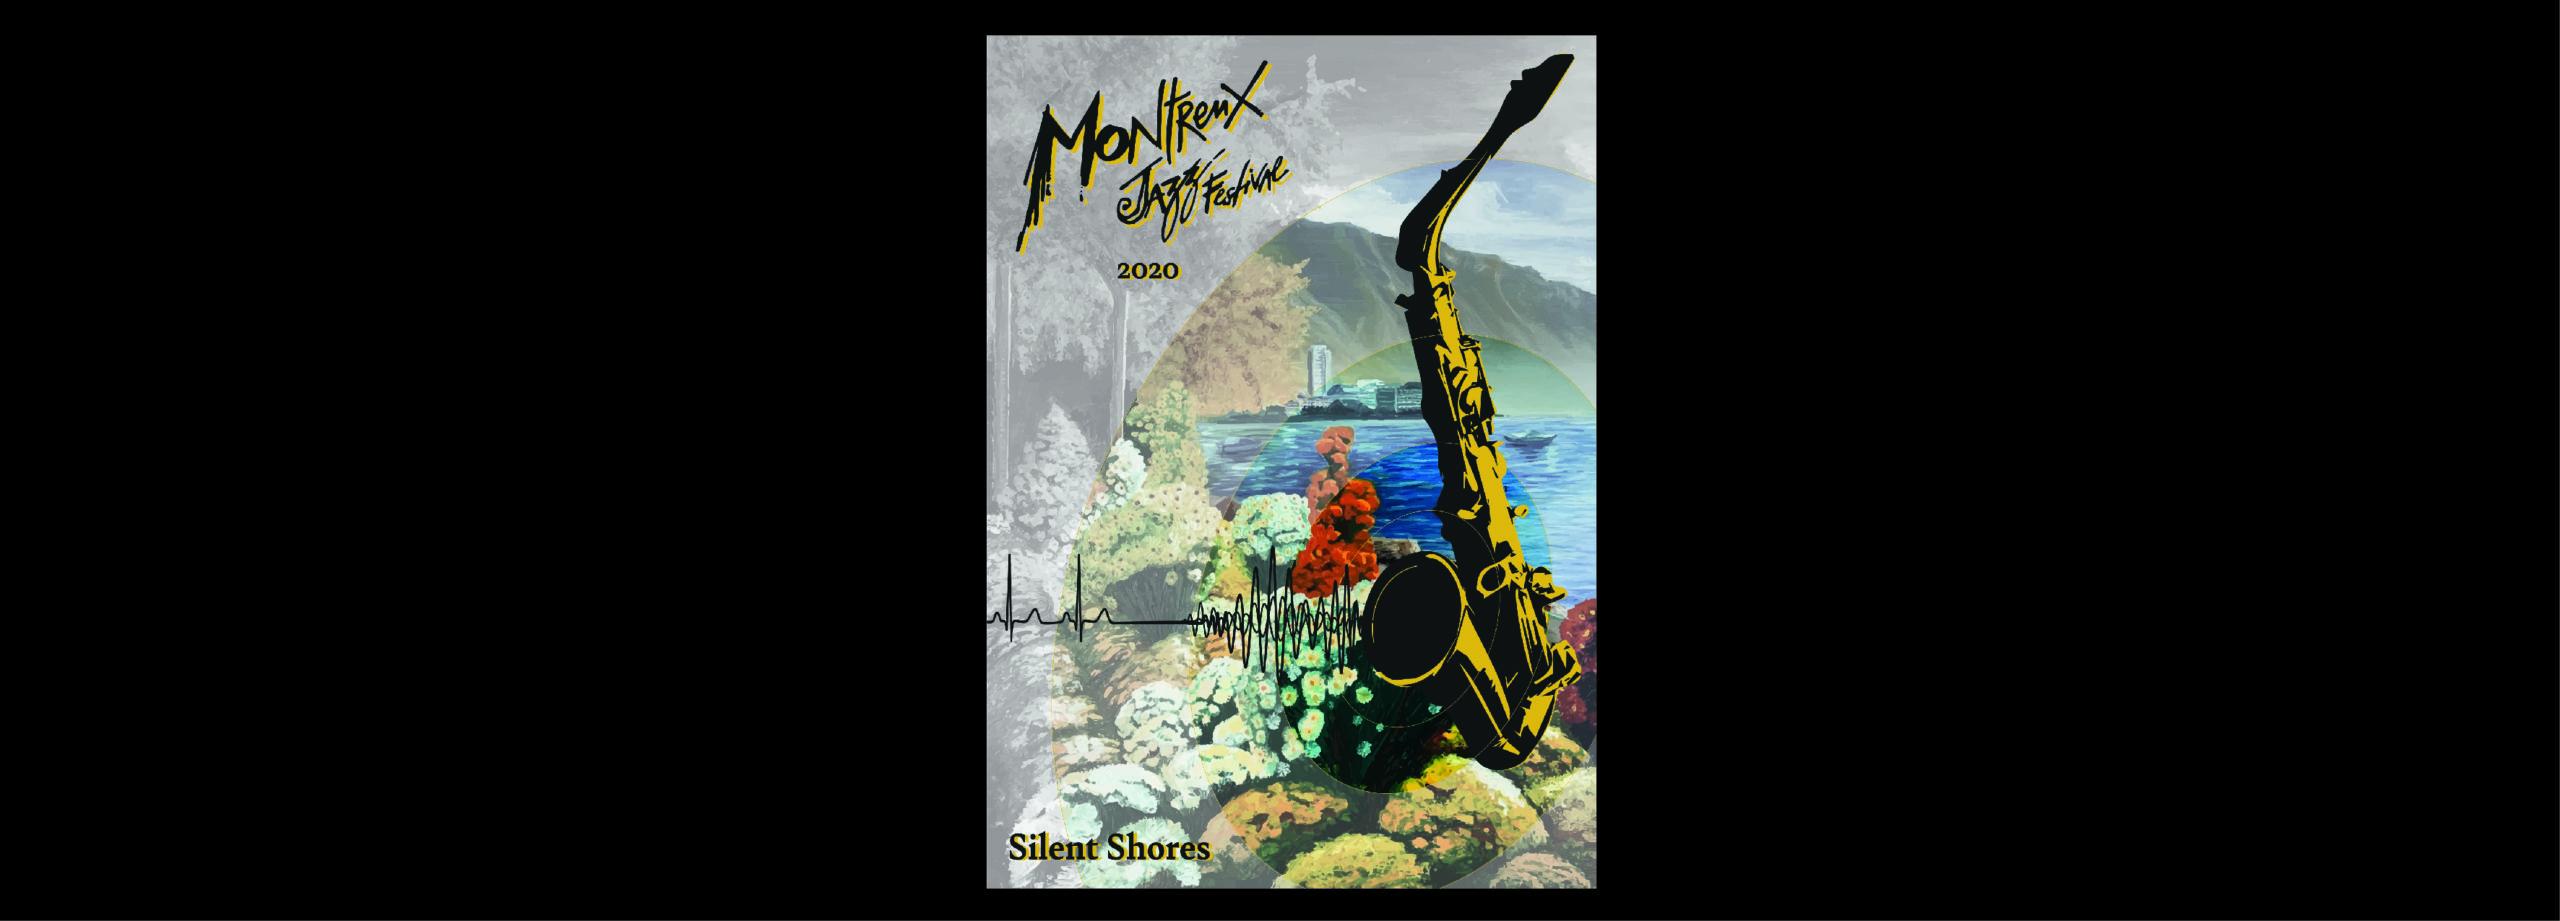 Montreux Jazz Festival – Silent Shores 2020 Contest